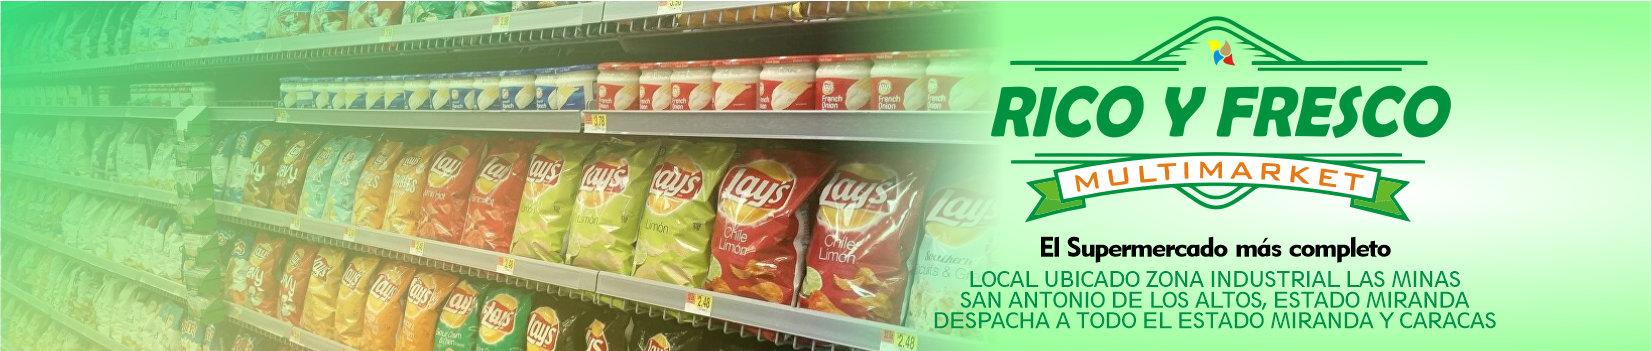 Rico y Fresco Multimarket